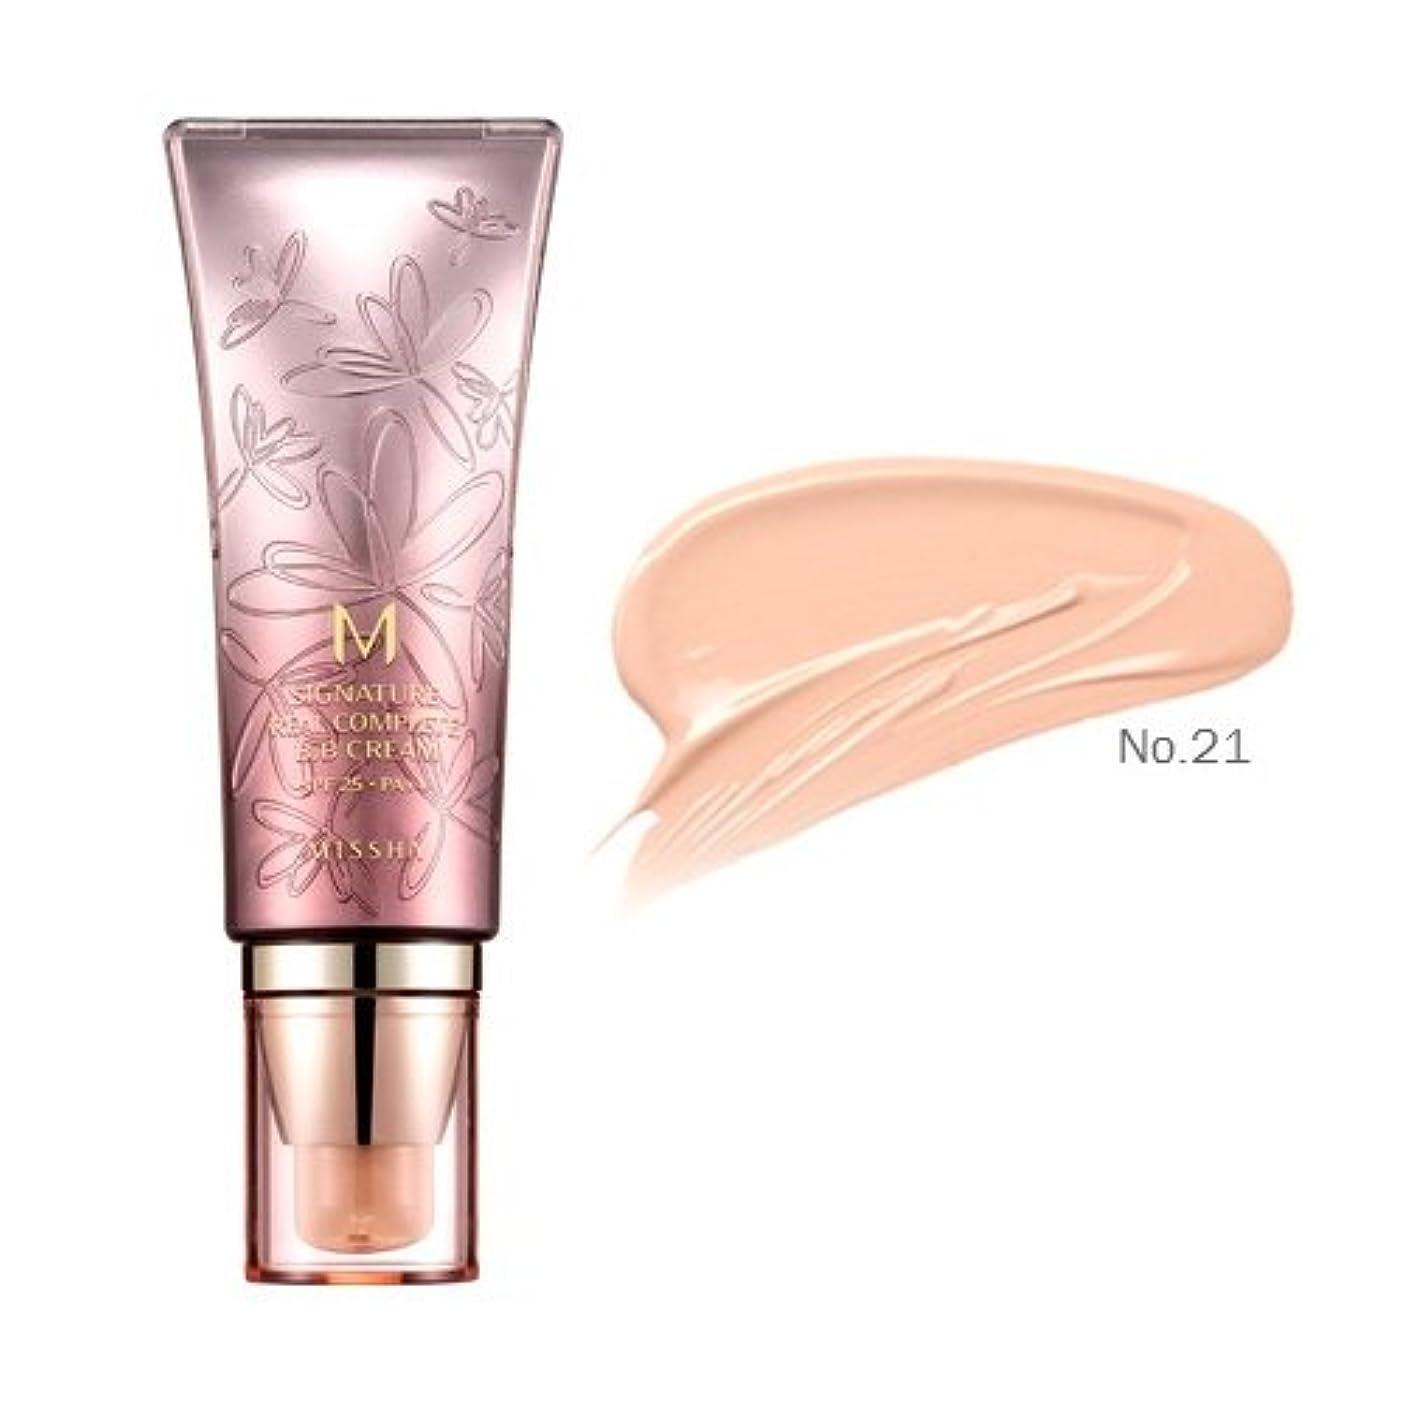 プロポーショナル精査する闘争(3 Pack) MISSHA M Signature Real Complete B.B Cream SPF 25 PA++ No. 21 Light Pink Beige (並行輸入品)